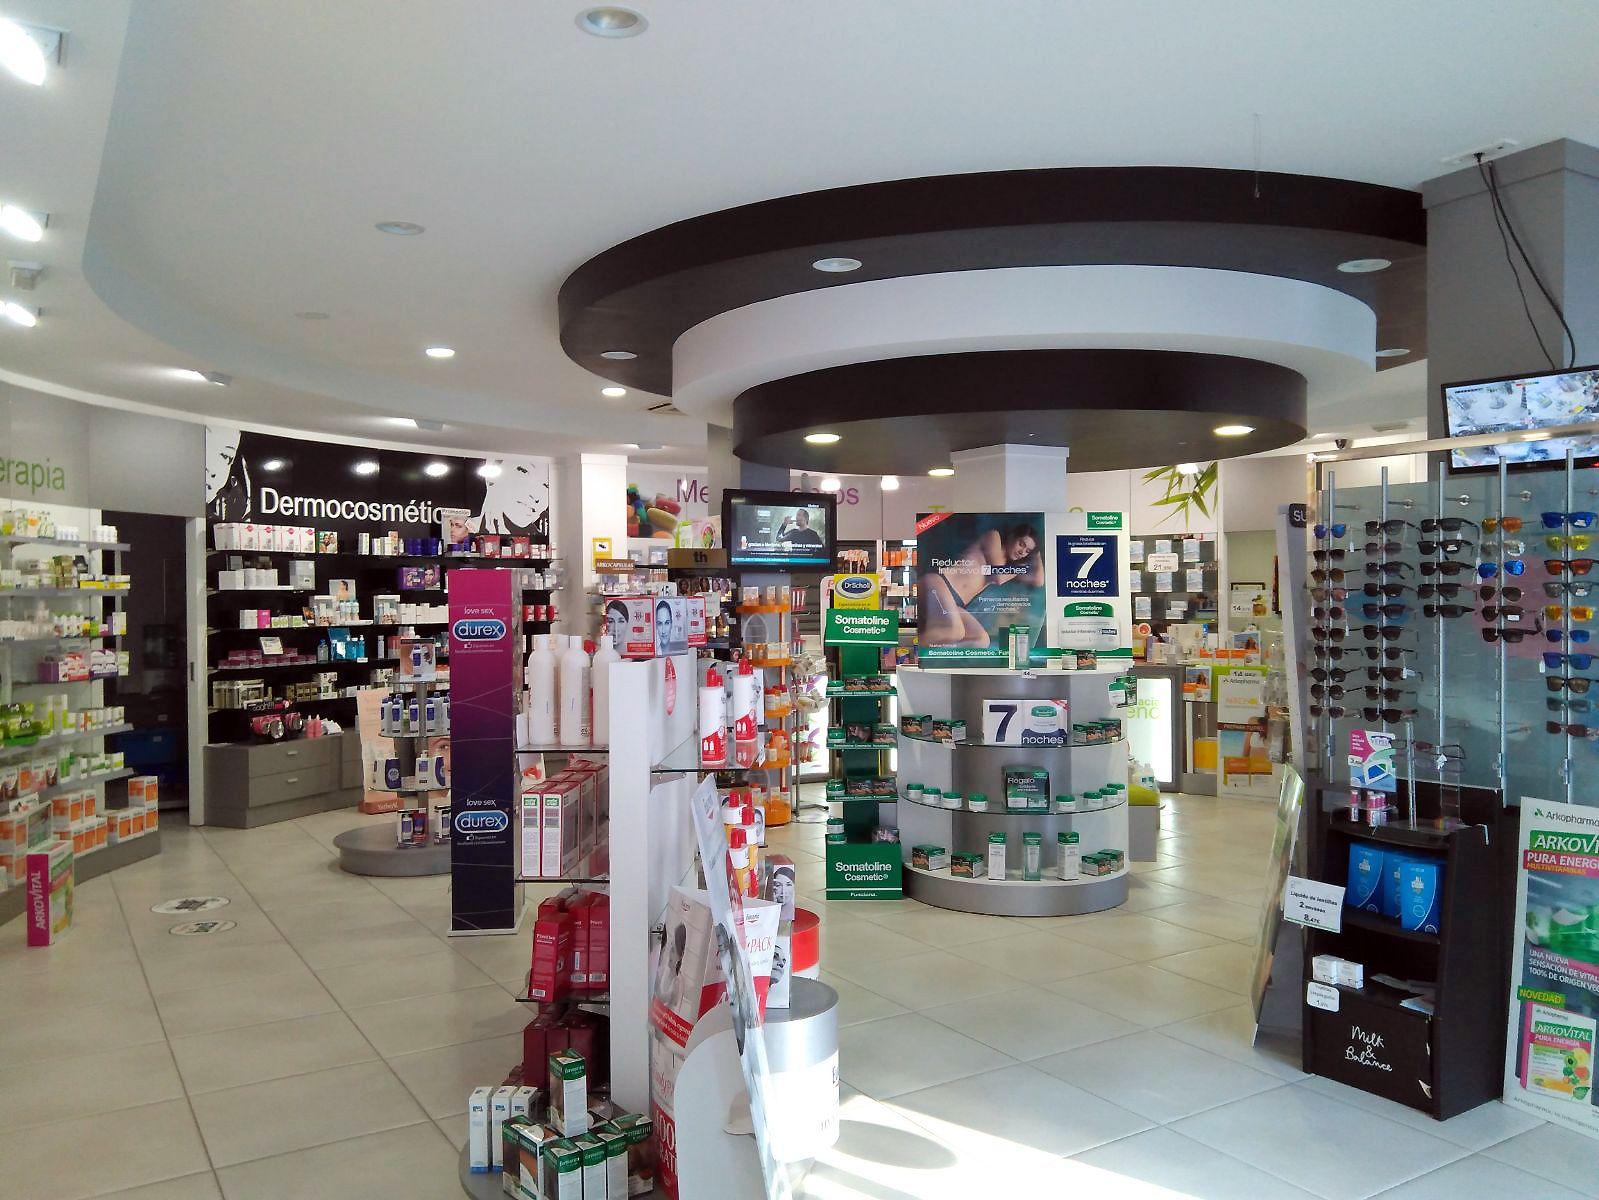 Productos de cosmética y dermocosmética en Moraleja, Cáceres